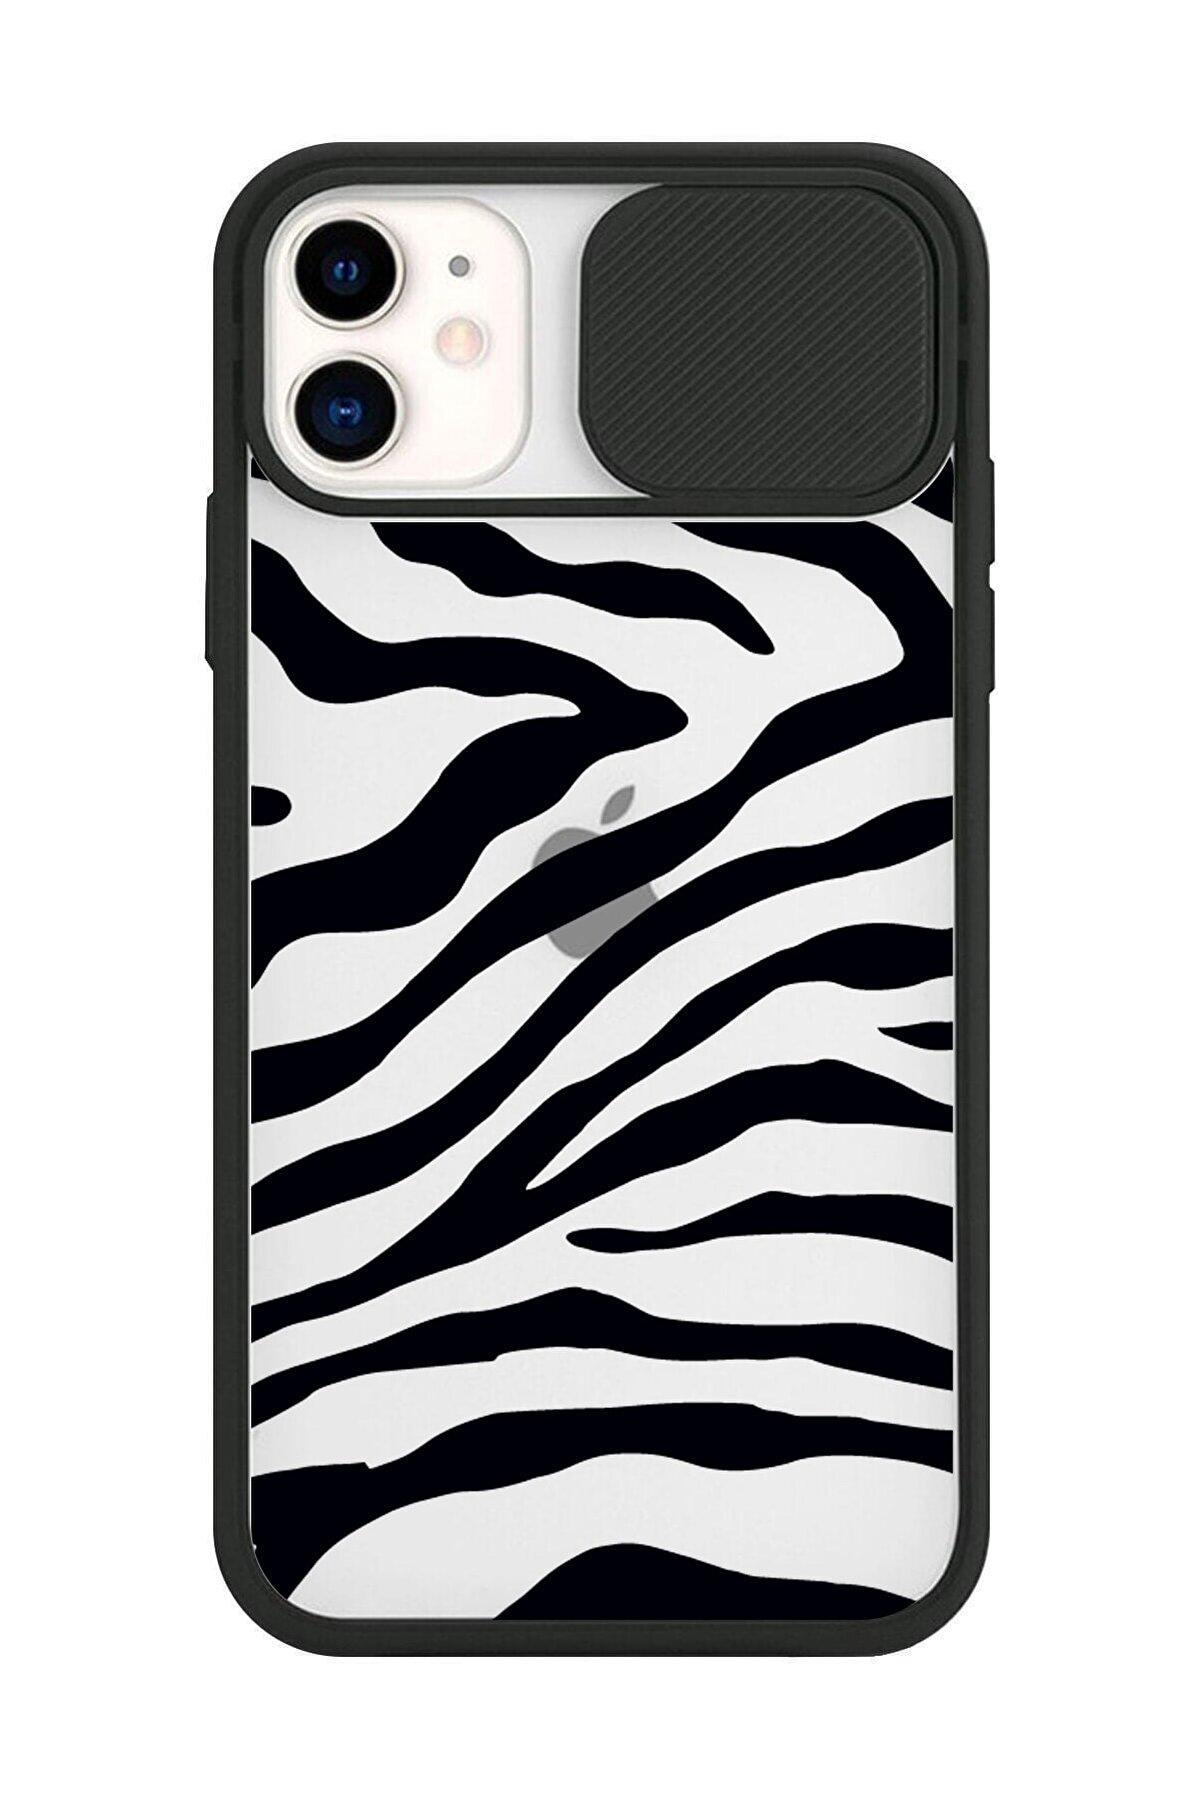 CNSTAKI Iphone 11 Uyumlu  Siyah Kamera Lens Korumalı Tasarımlı Telefon Kılıfı